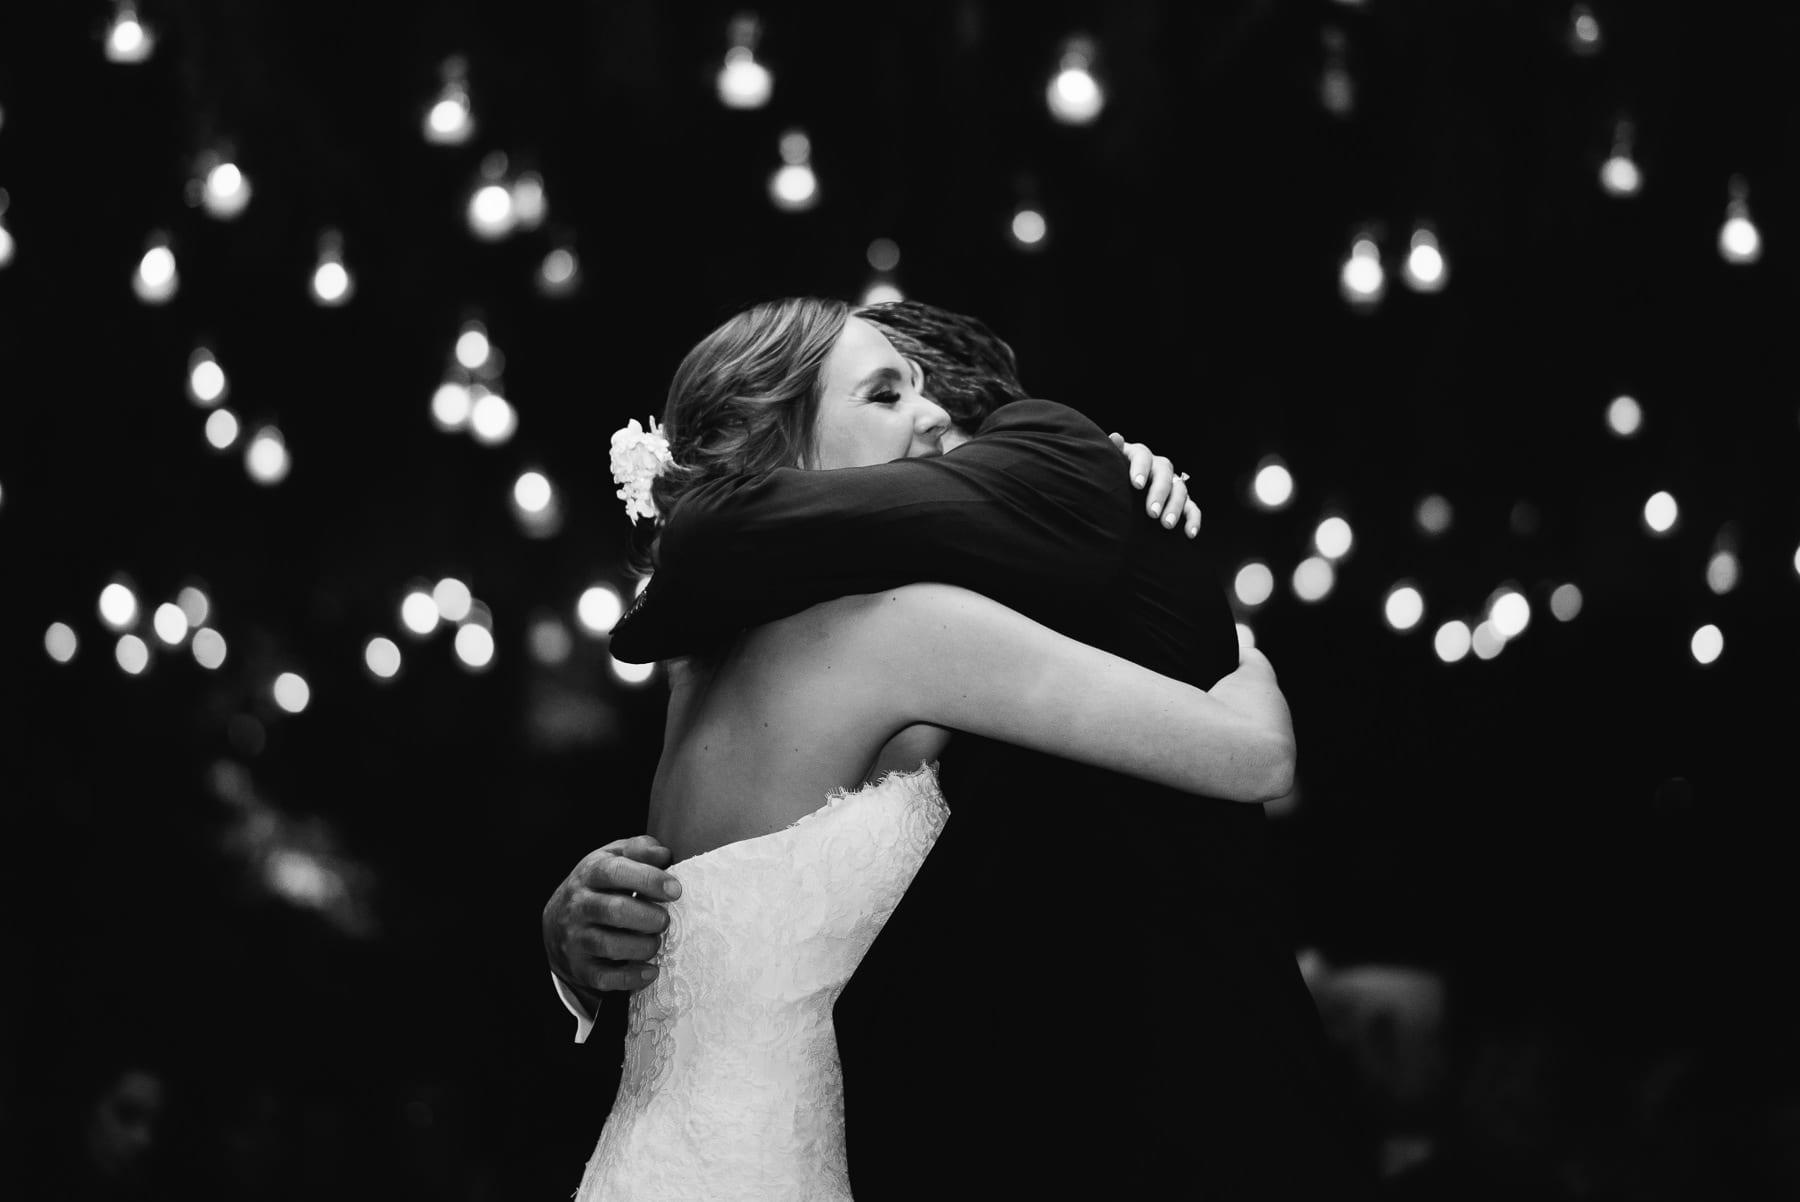 fotografo-de-bodas-en-queretaro-57